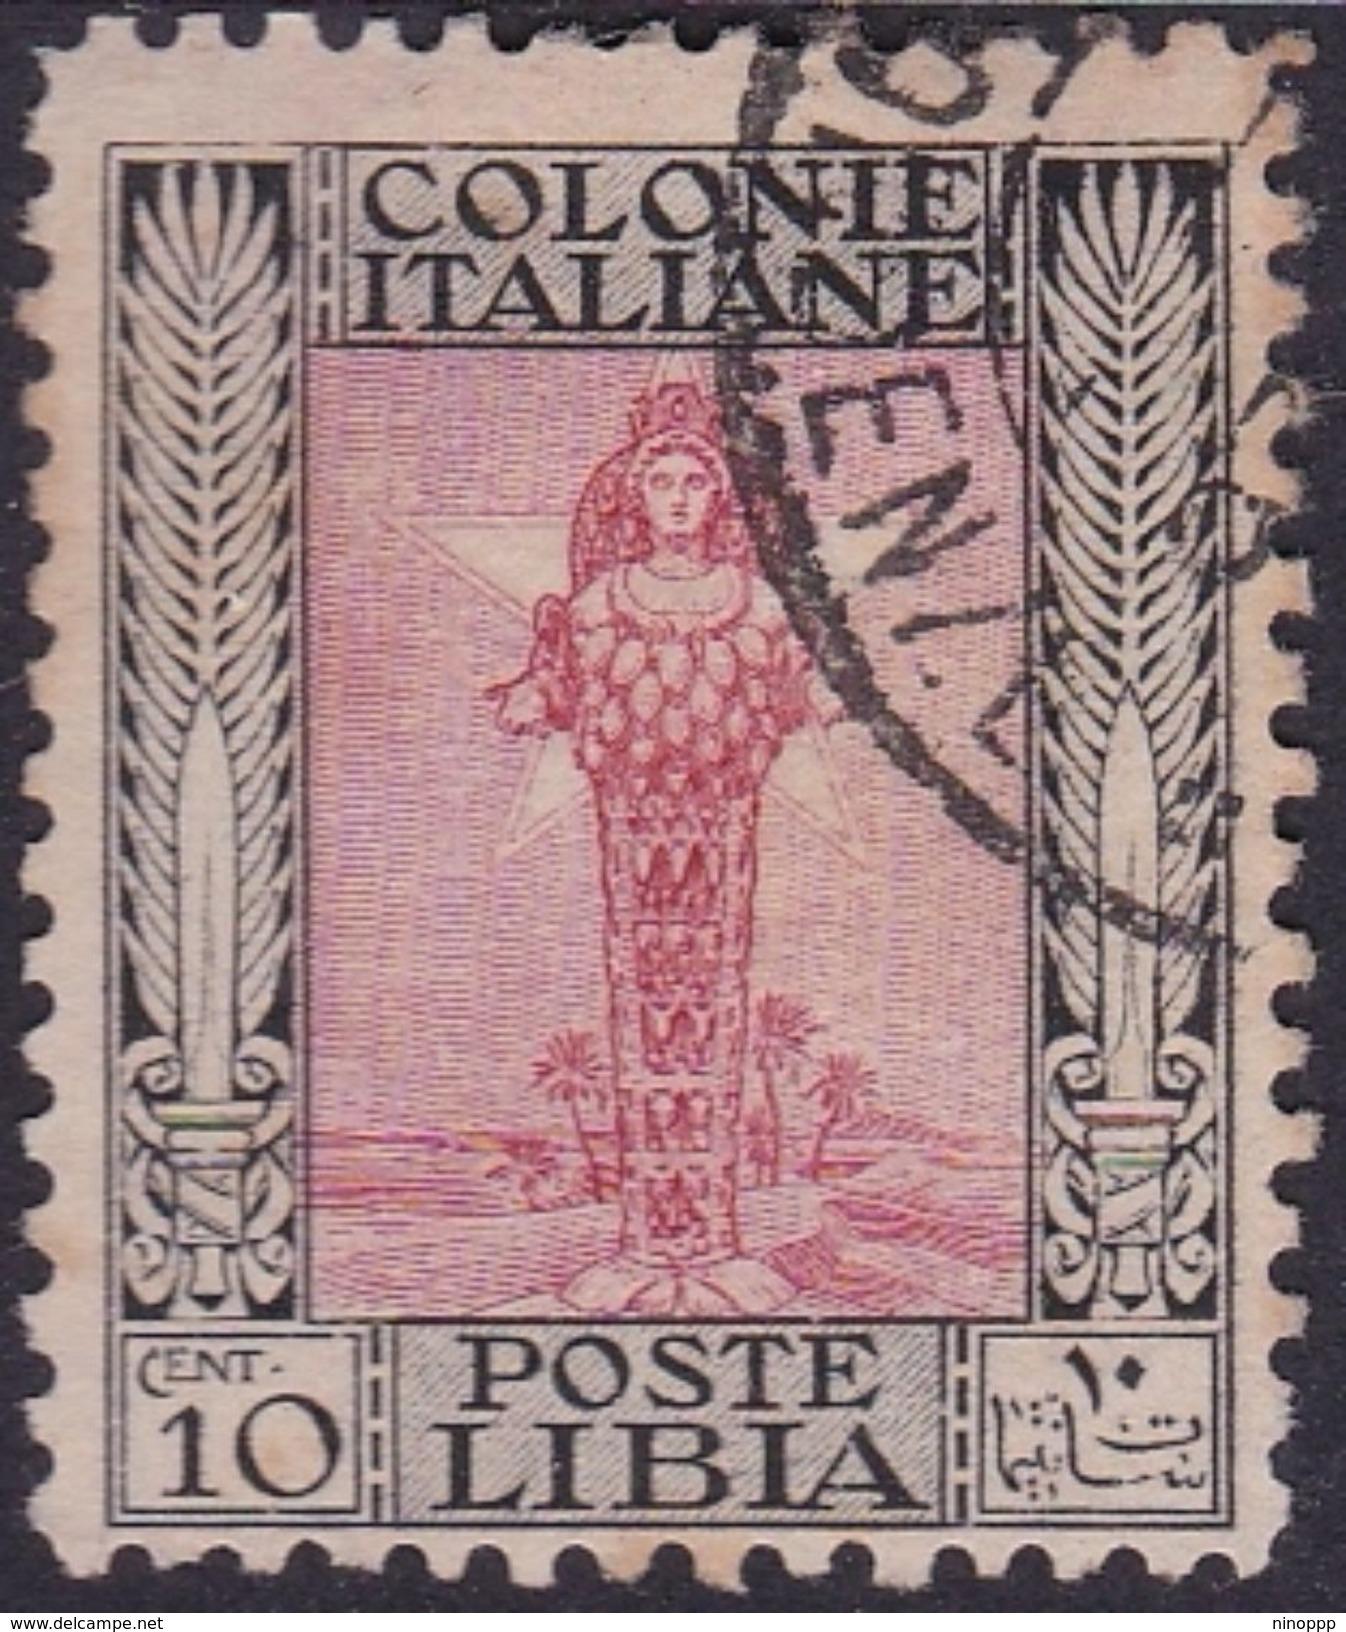 Italy-Colonies And Territories-Libya S 61 1926-30 ,Diana Of Ephesus,perf 11,10c,used - Libya